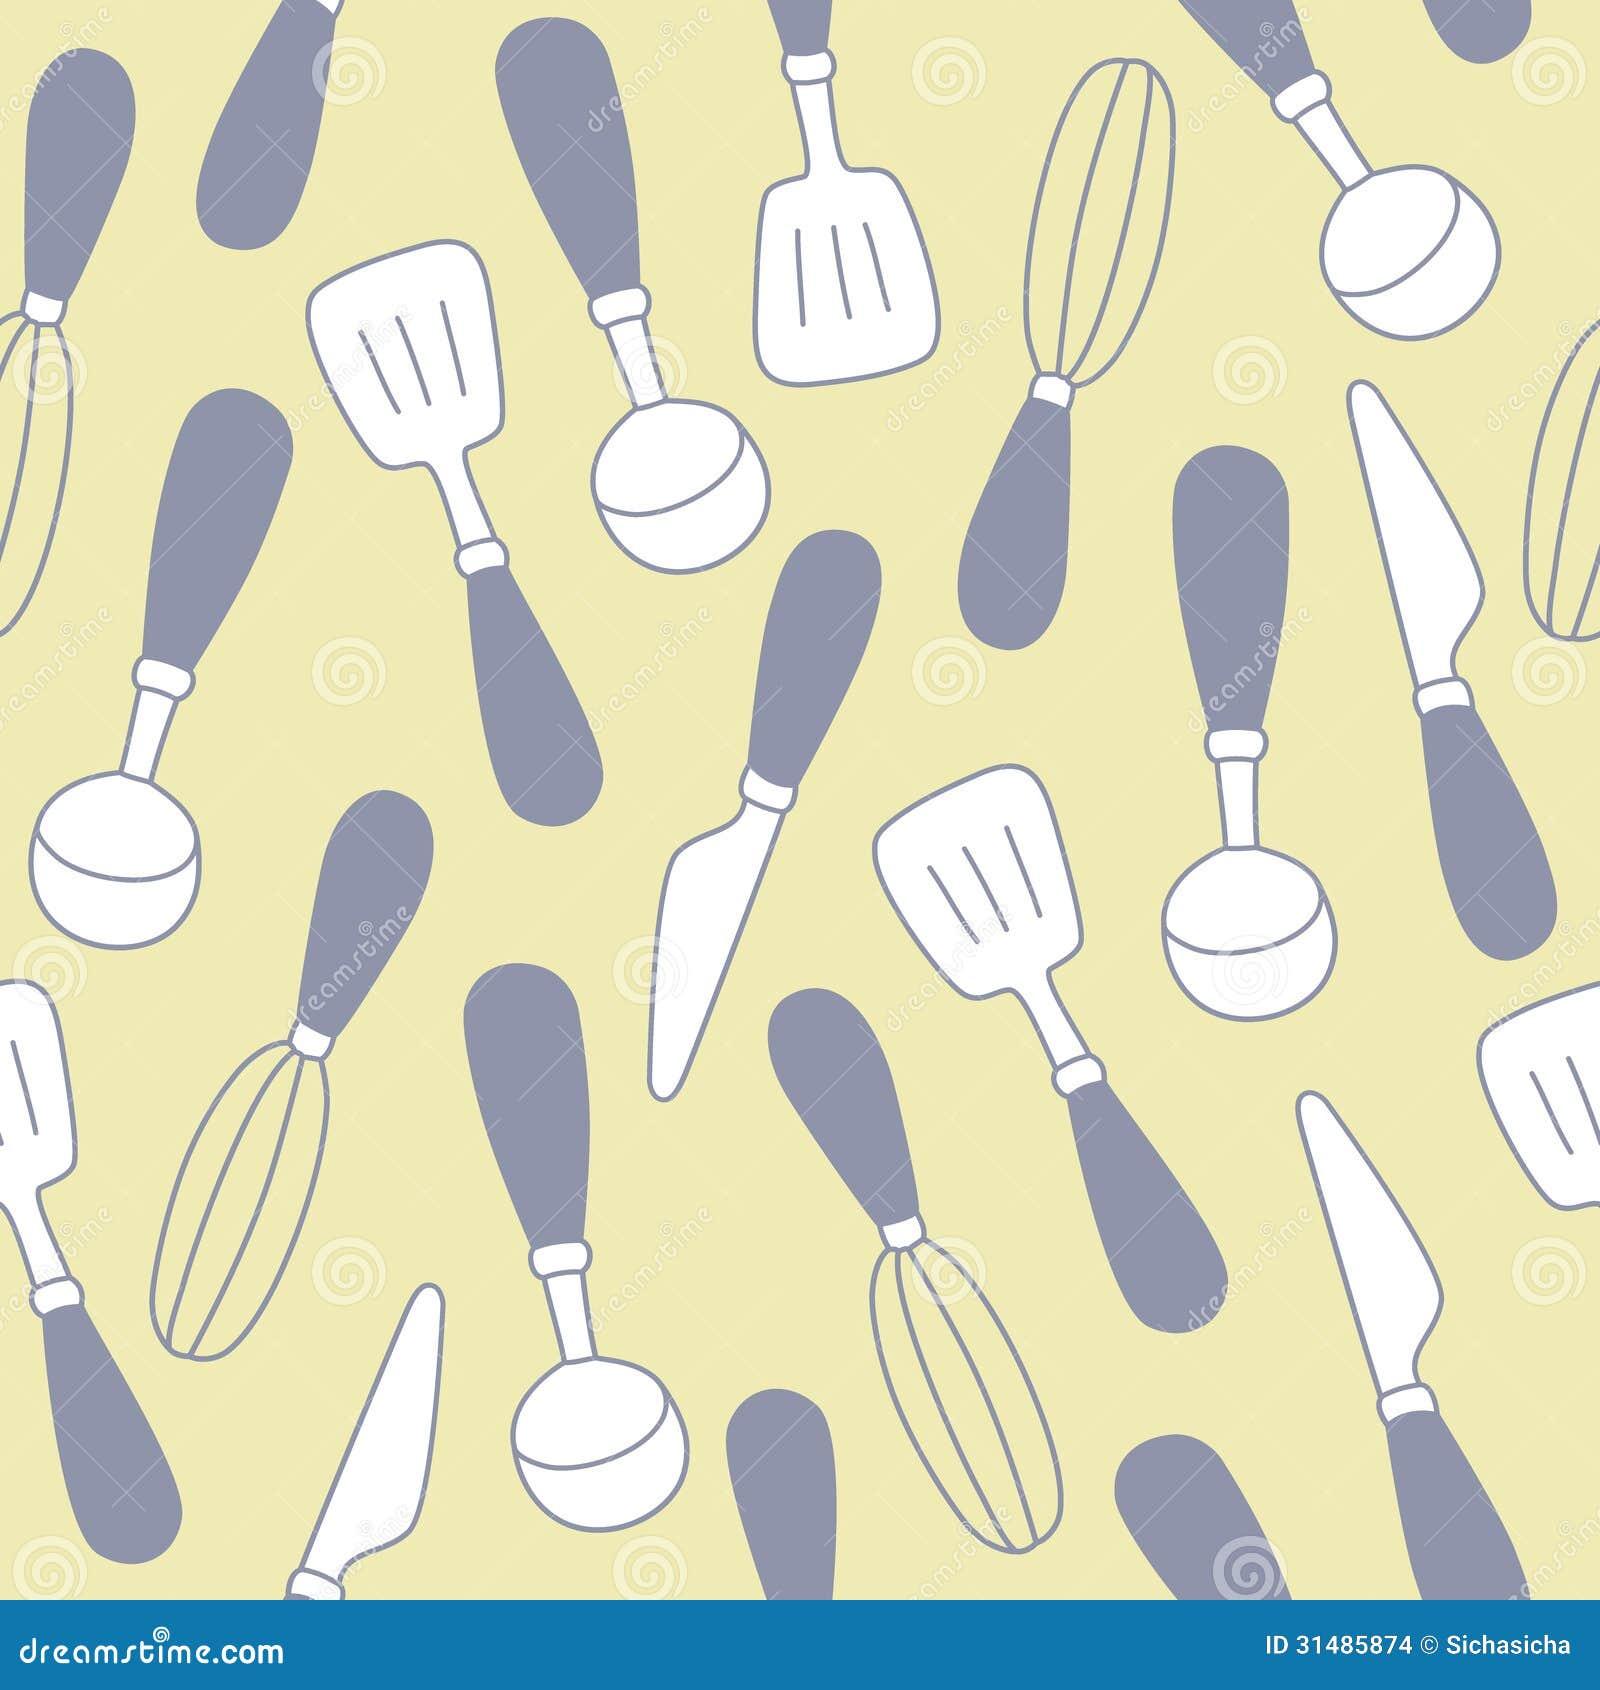 Kitchen Utensils Background: Seamless Pattern Of Kitchen Utensils Background Stock